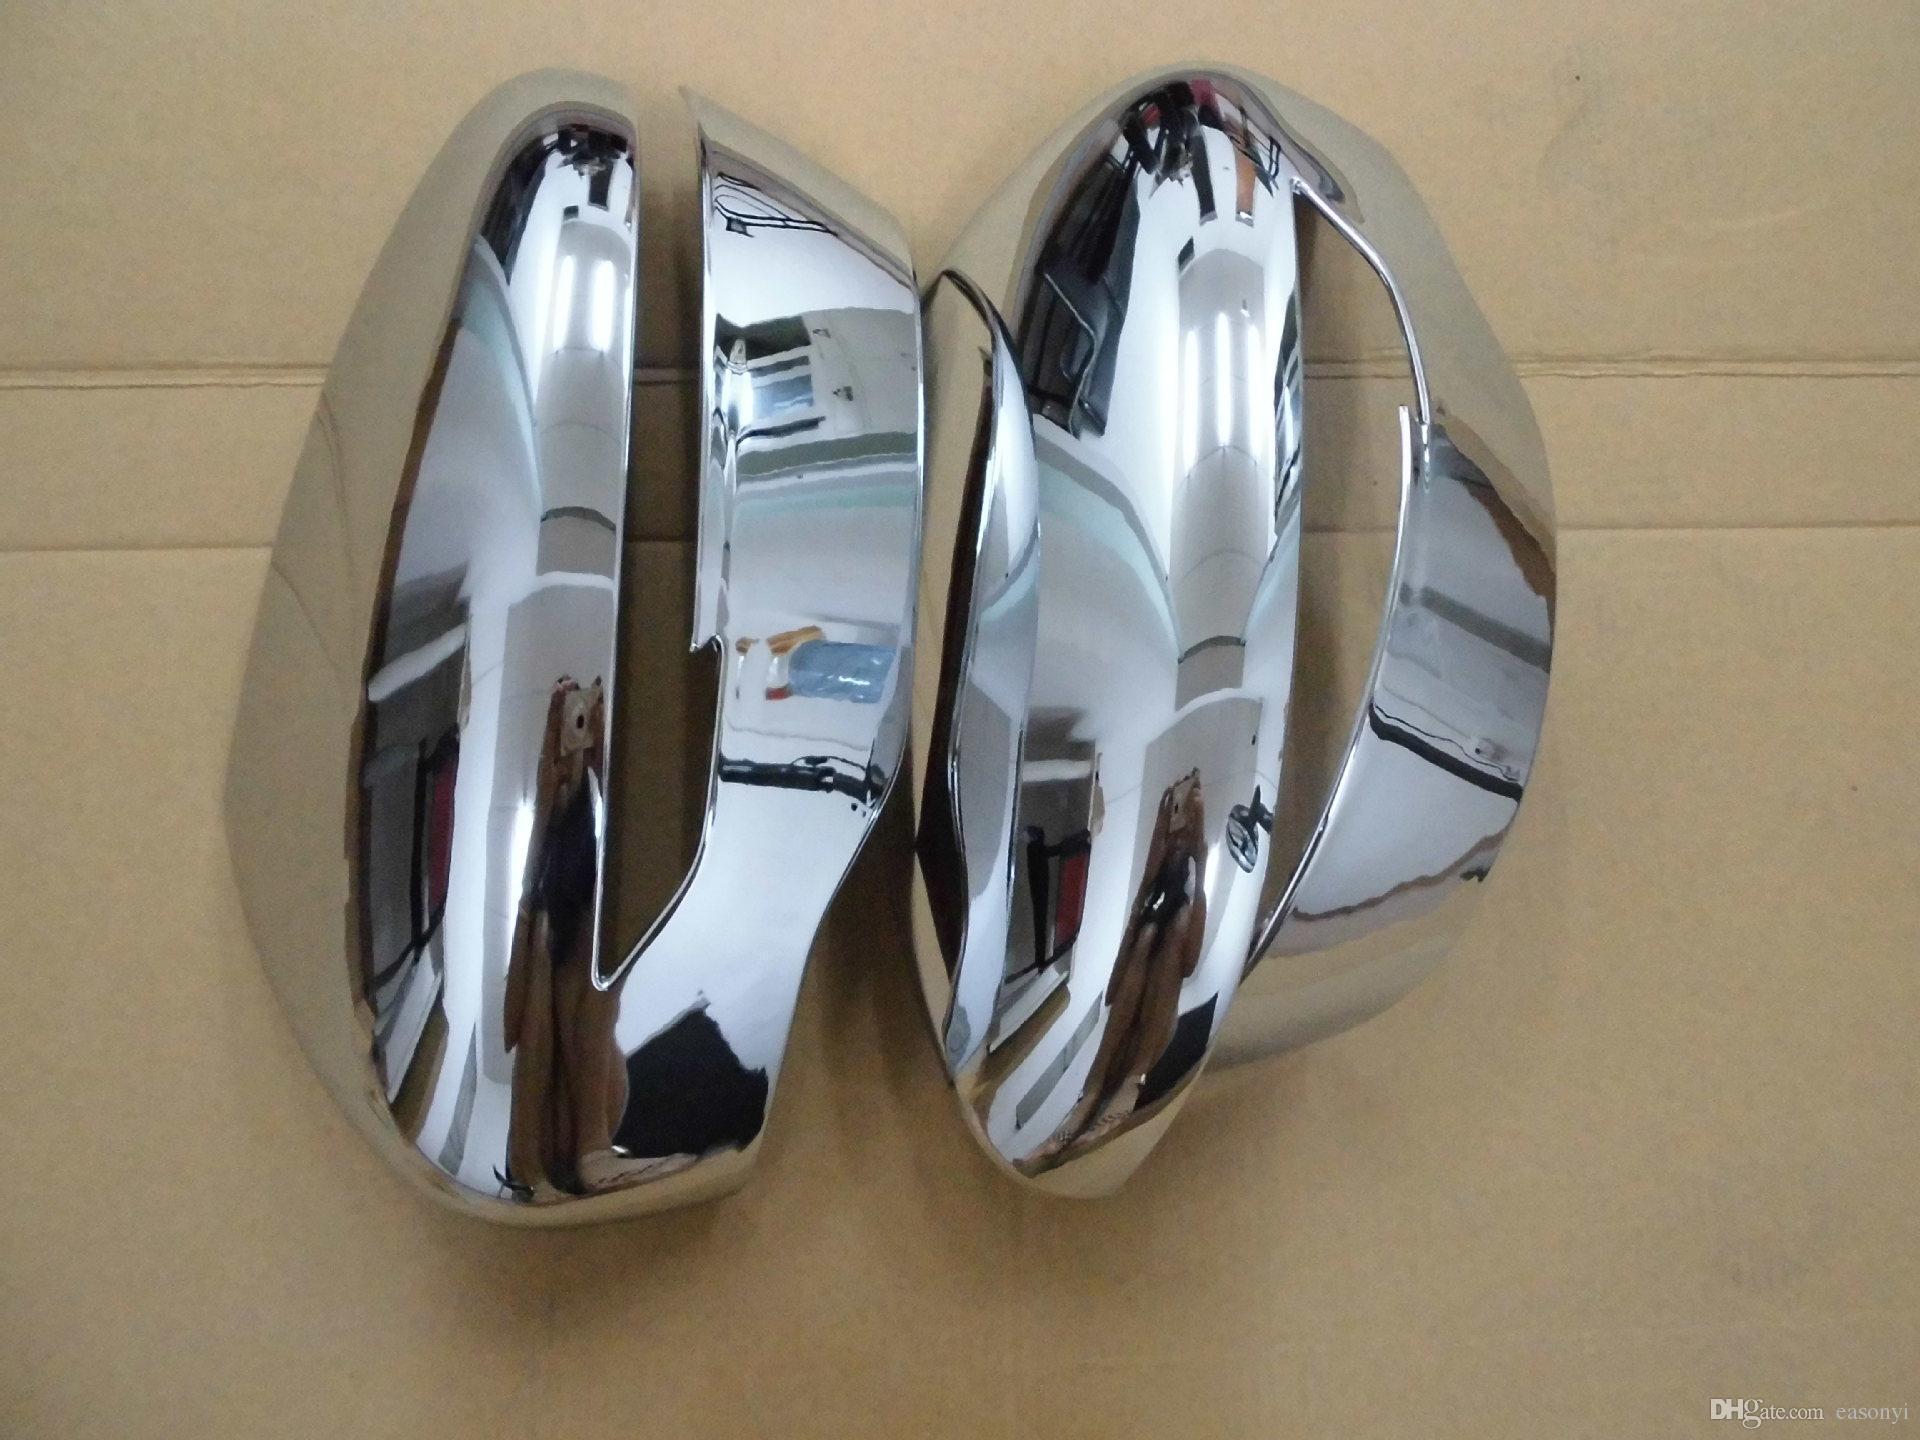 Стайлинга автомобилей Зеркало Заднего Вида Наклейка Для Nissan ABS Крышка Зеркала Заднего вида Для Nissan Rogue X-Trail 2014 2015 2016 Аксессуары